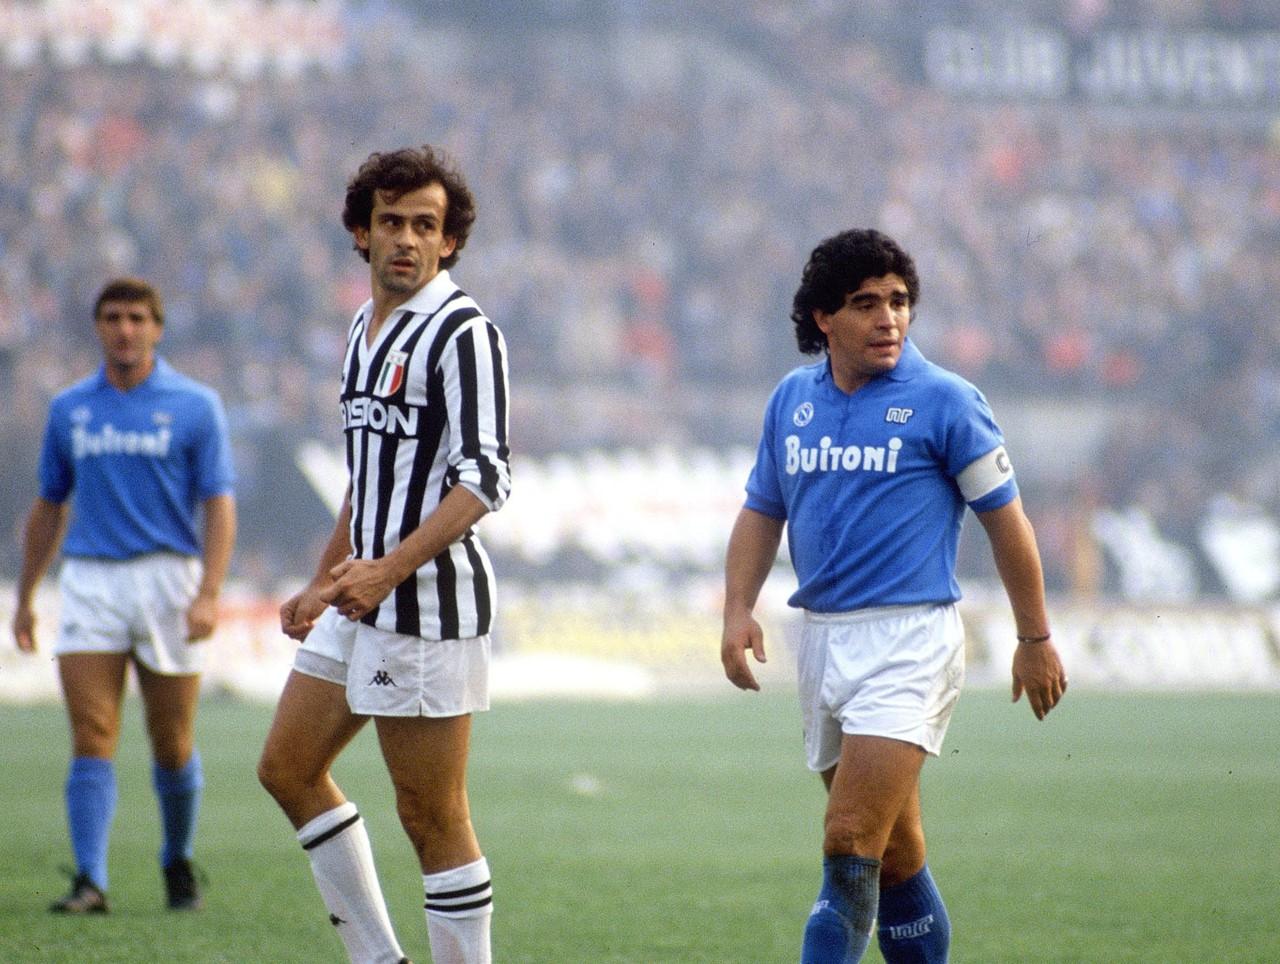 Vào thời của Maradona, những ngôi sao lớn như Van Basten, Platini là đối trọng chính